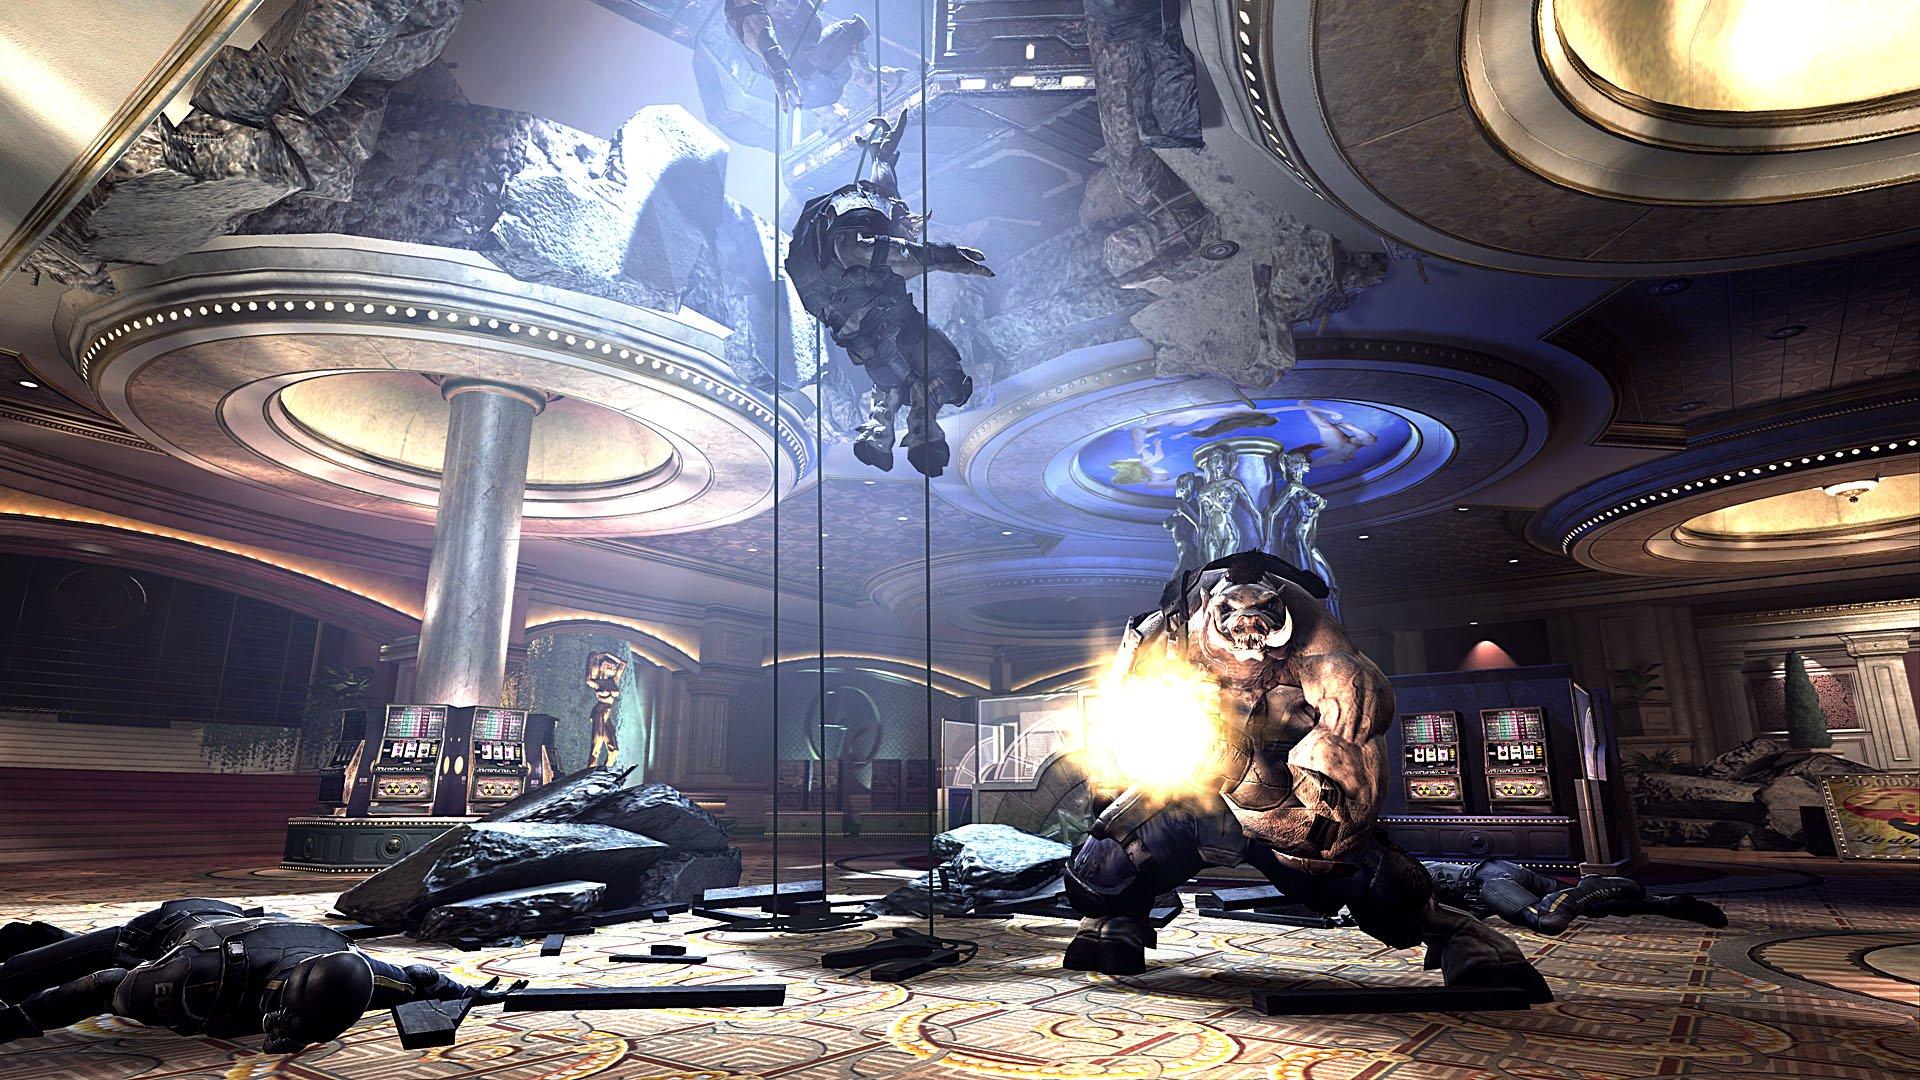 Duke Nukem Forever Screenshots Feature Duke's Atomic Monster Truck #16680